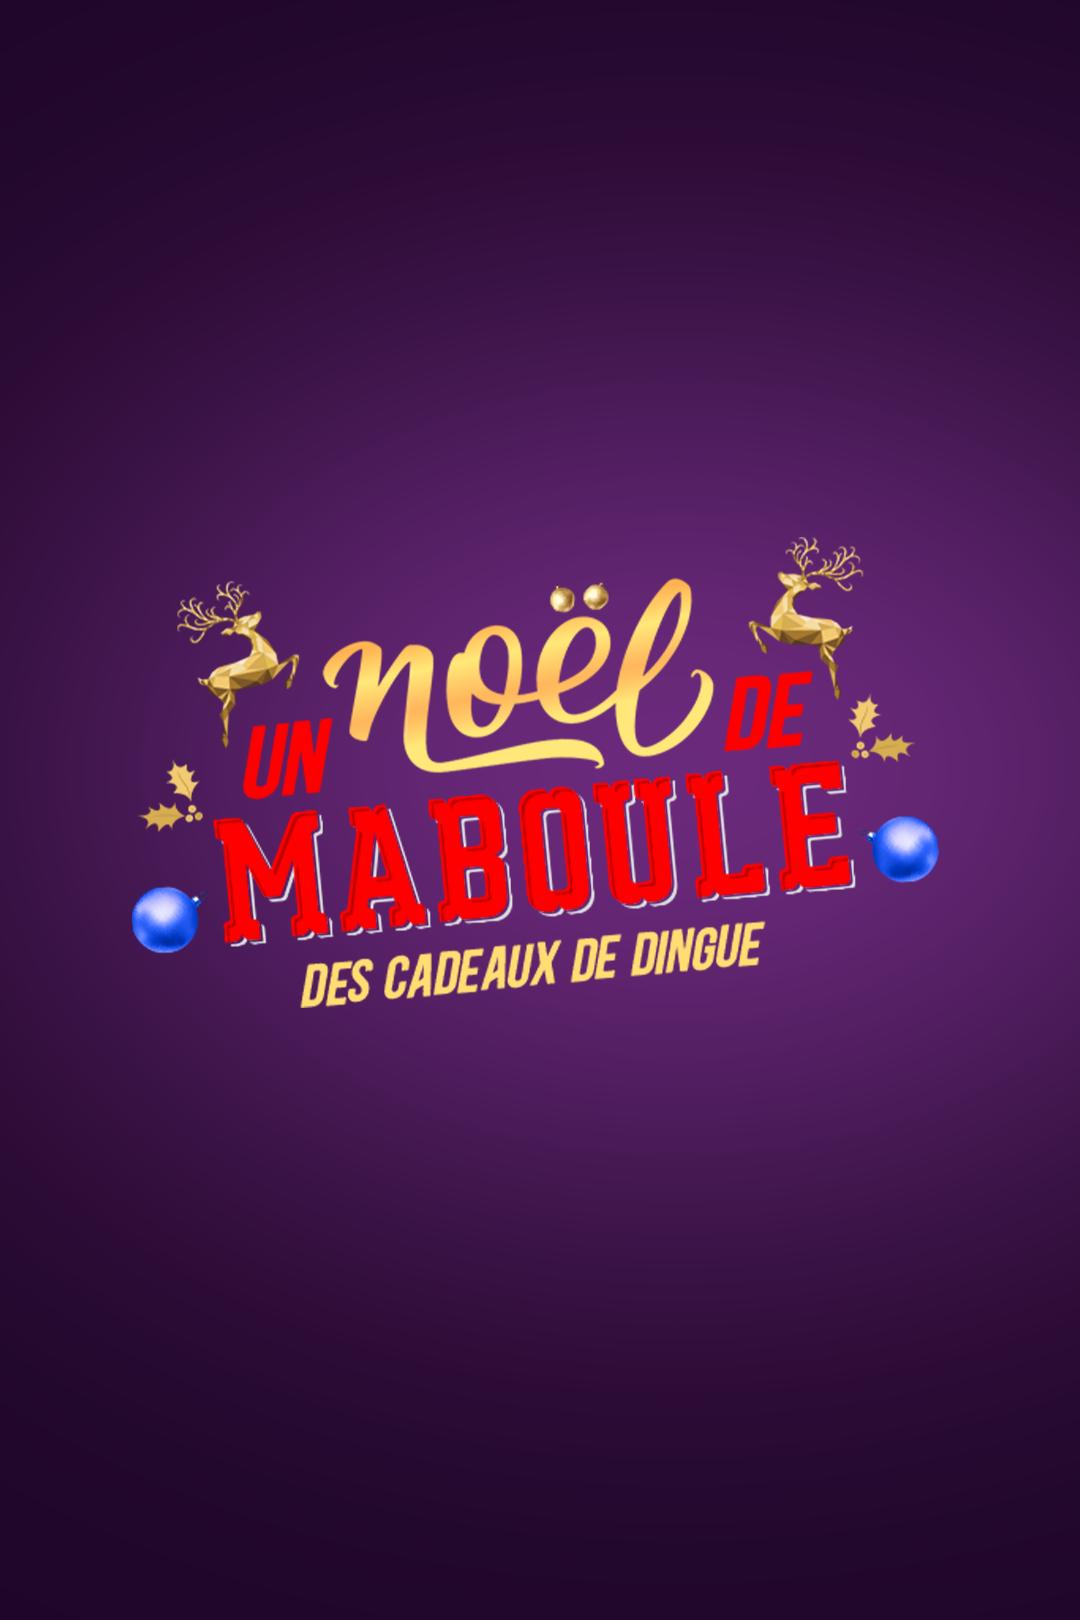 FID Noel de Maboule